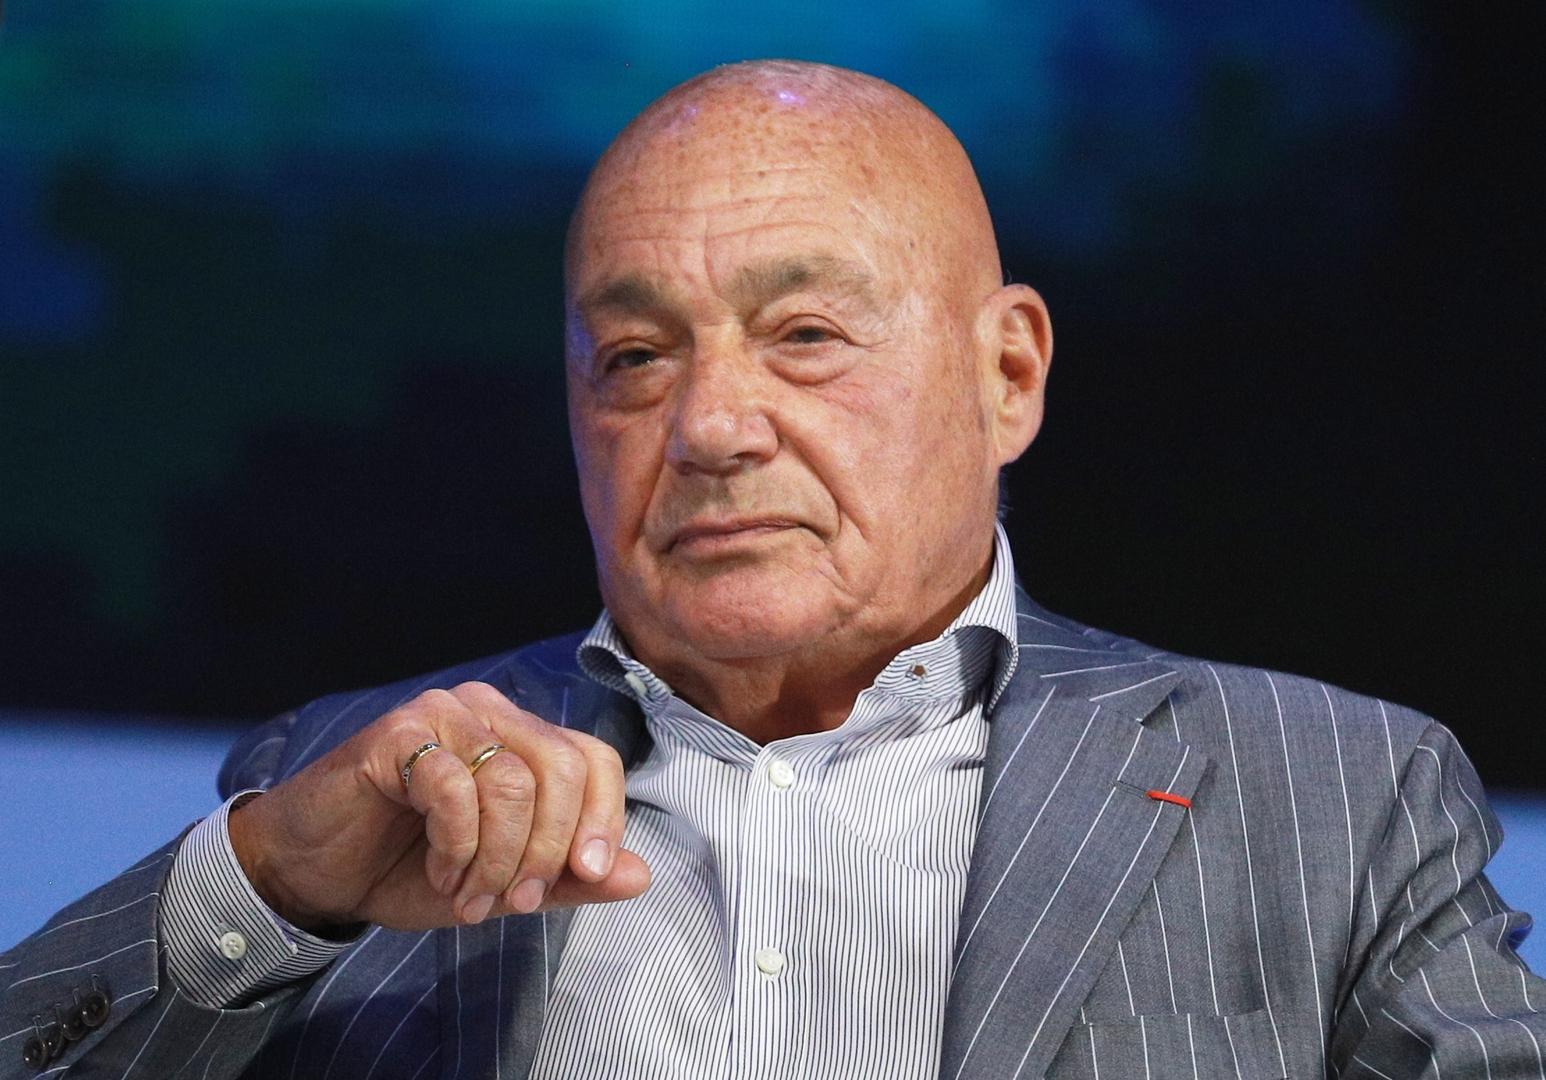 الصحفي والمقدم التلفزيوني الروسي فلاديمير بوزنر